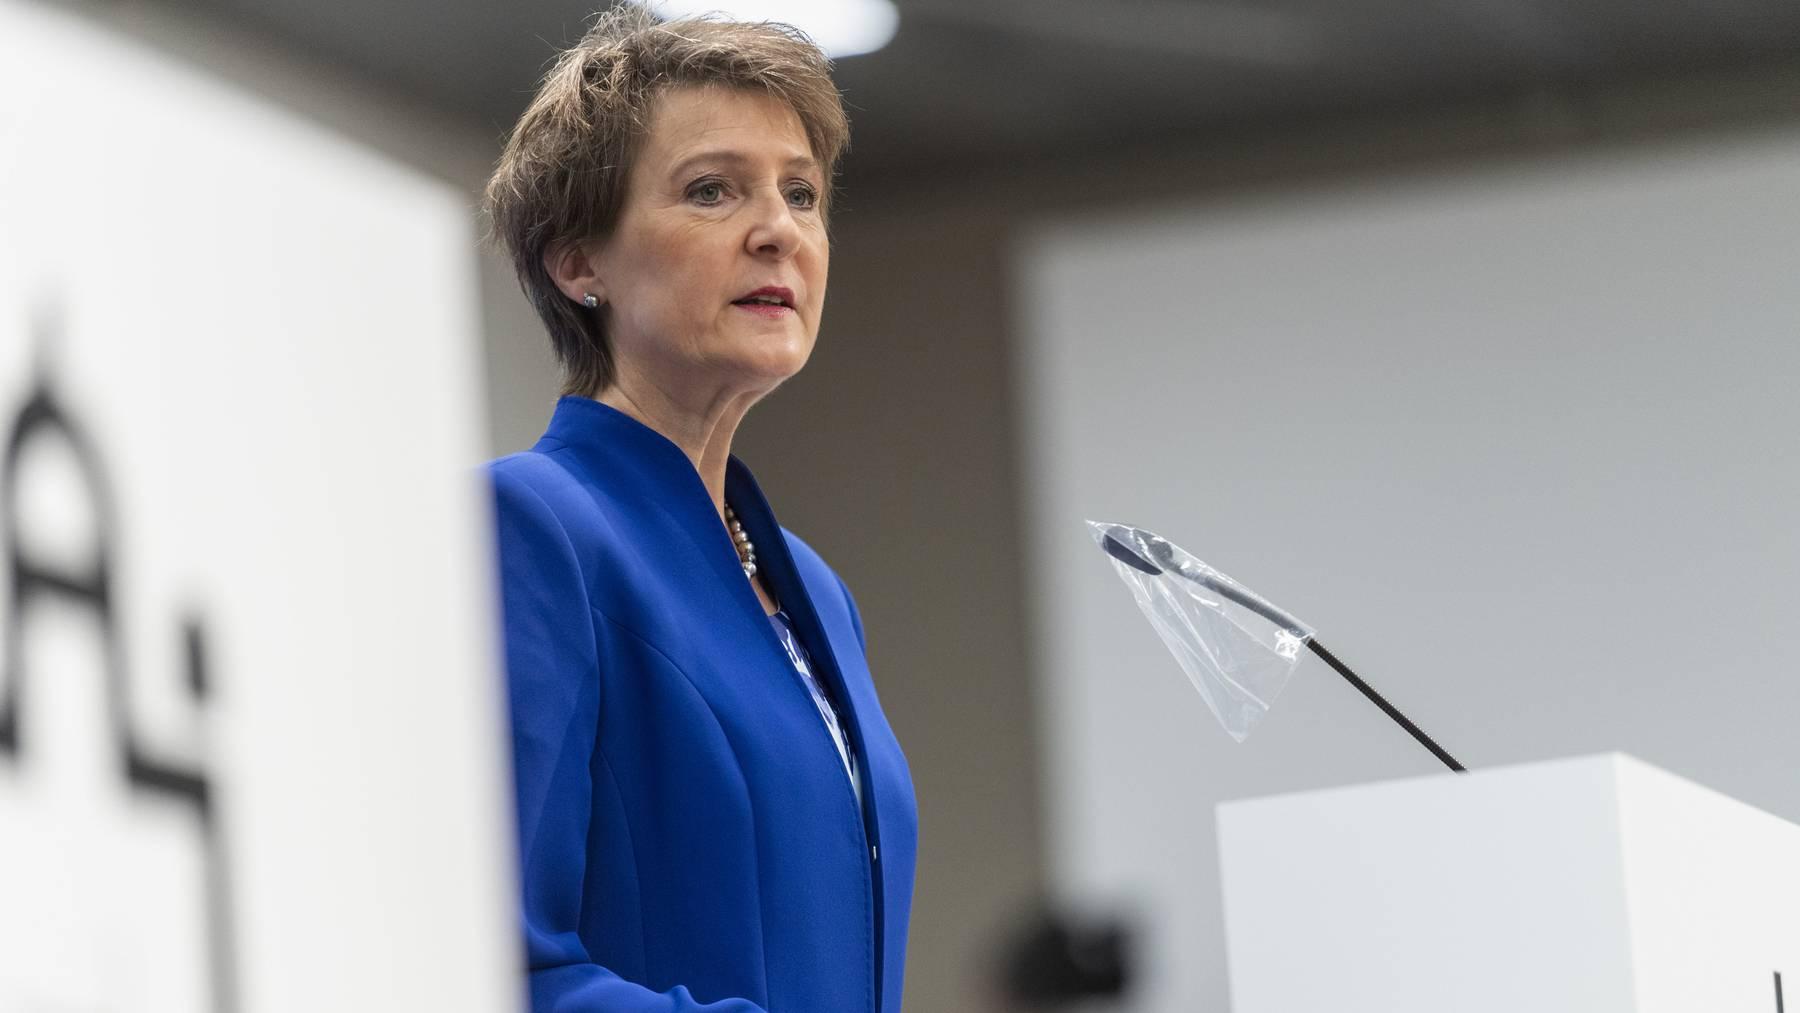 Bundespraesidentin Simonetta Sommaruga (hier bei der Eröffnung der Sondersession zur Coronakrise am 4. Mai) verzichtet an den Literaturtagen auf das Rednerpult.